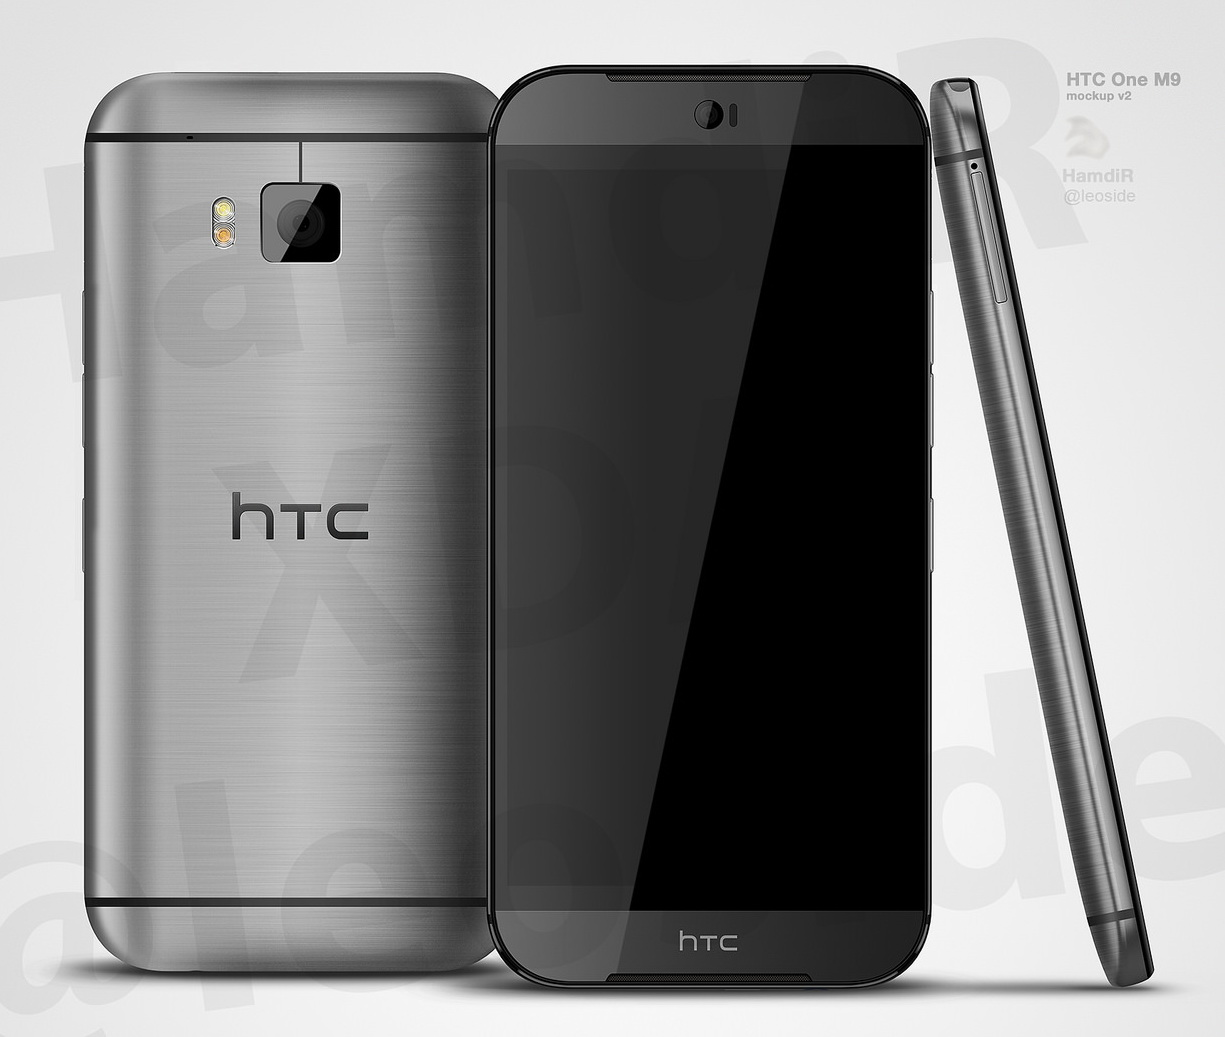 HTC One M9 (Hima) randat de un designer urmând zvonurile lui @evleaks; Foarte aproape de o imagine realistă!